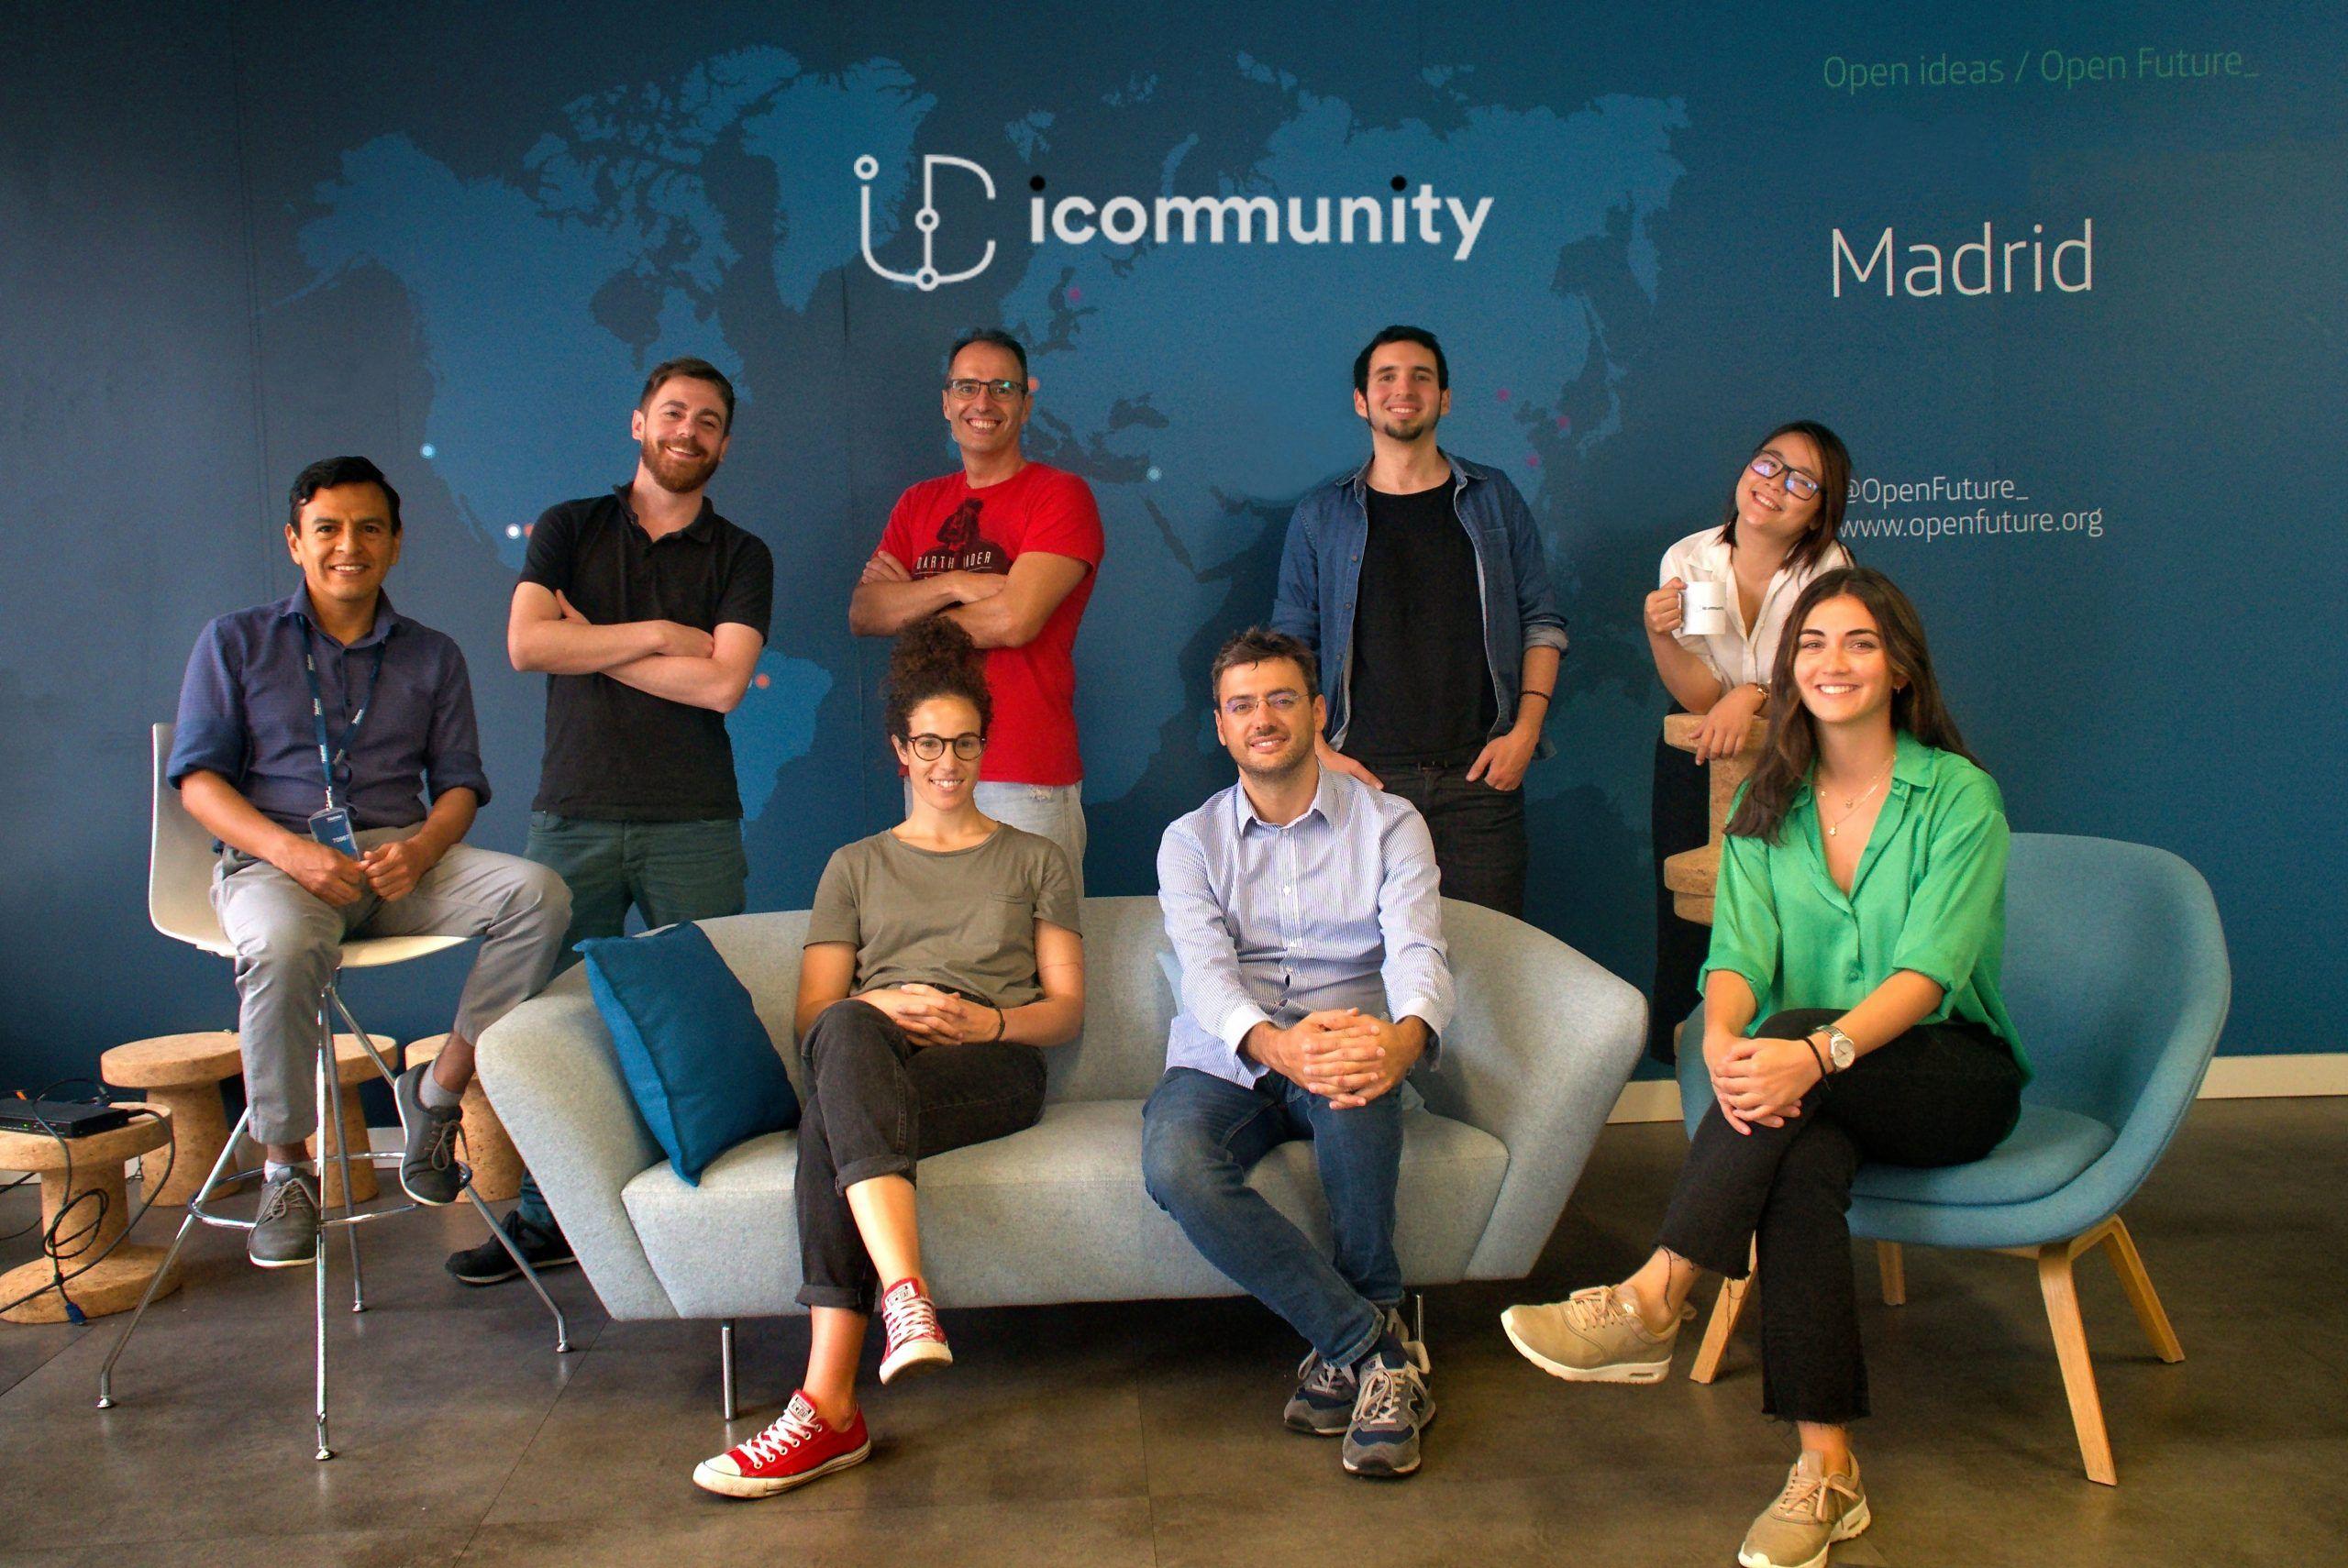 iCommunity, capta medio millón de dólares en la FASE 1 de venta de su token ICOM, en menos de 15 minutos